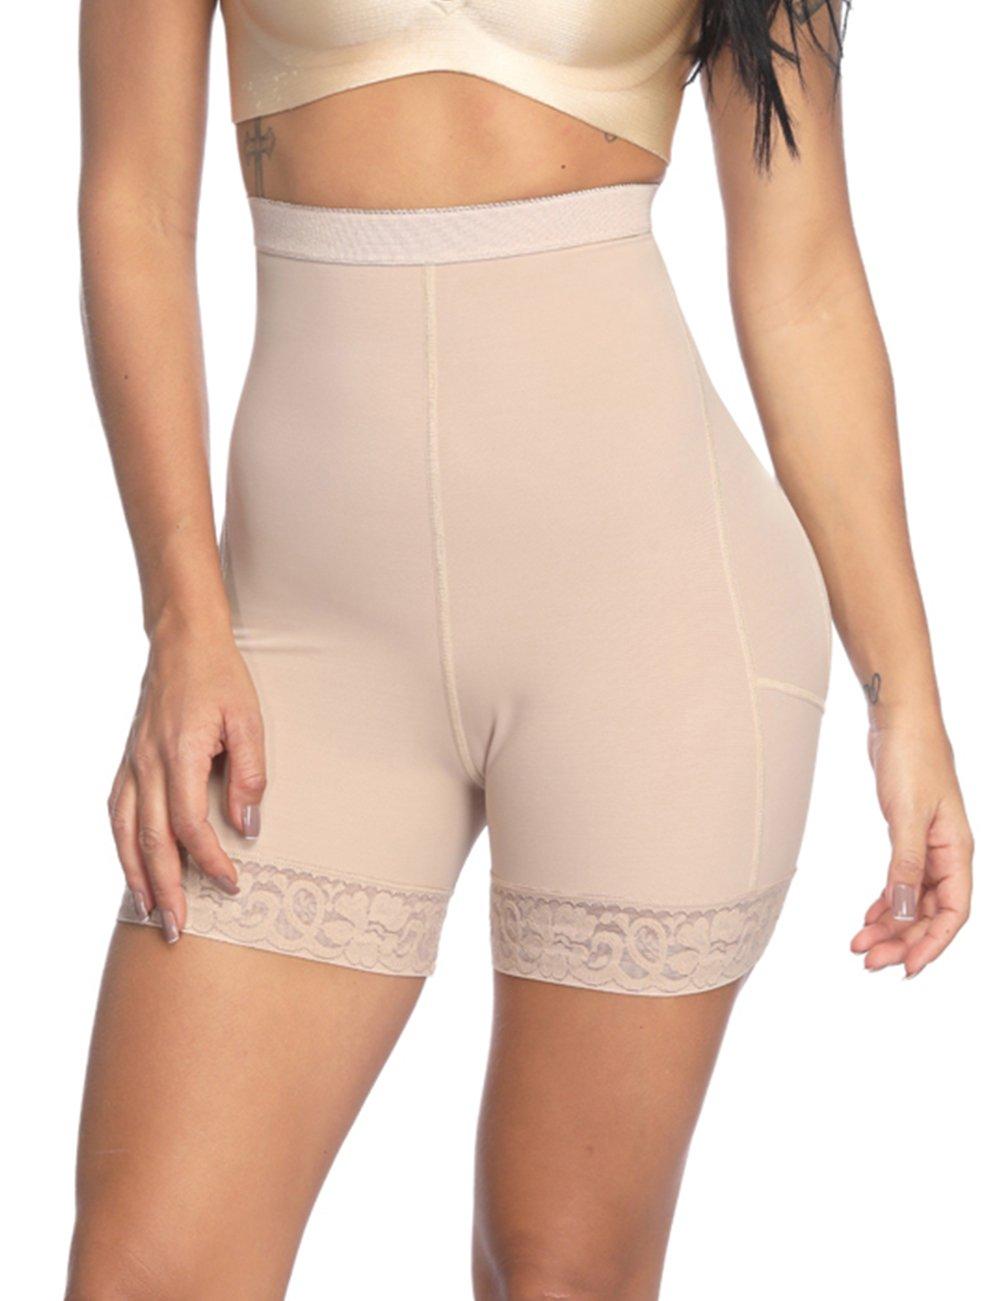 Womens Recovery Slimming Underwear High Waist Tummy Control Thigh Slimmer Beige XXL